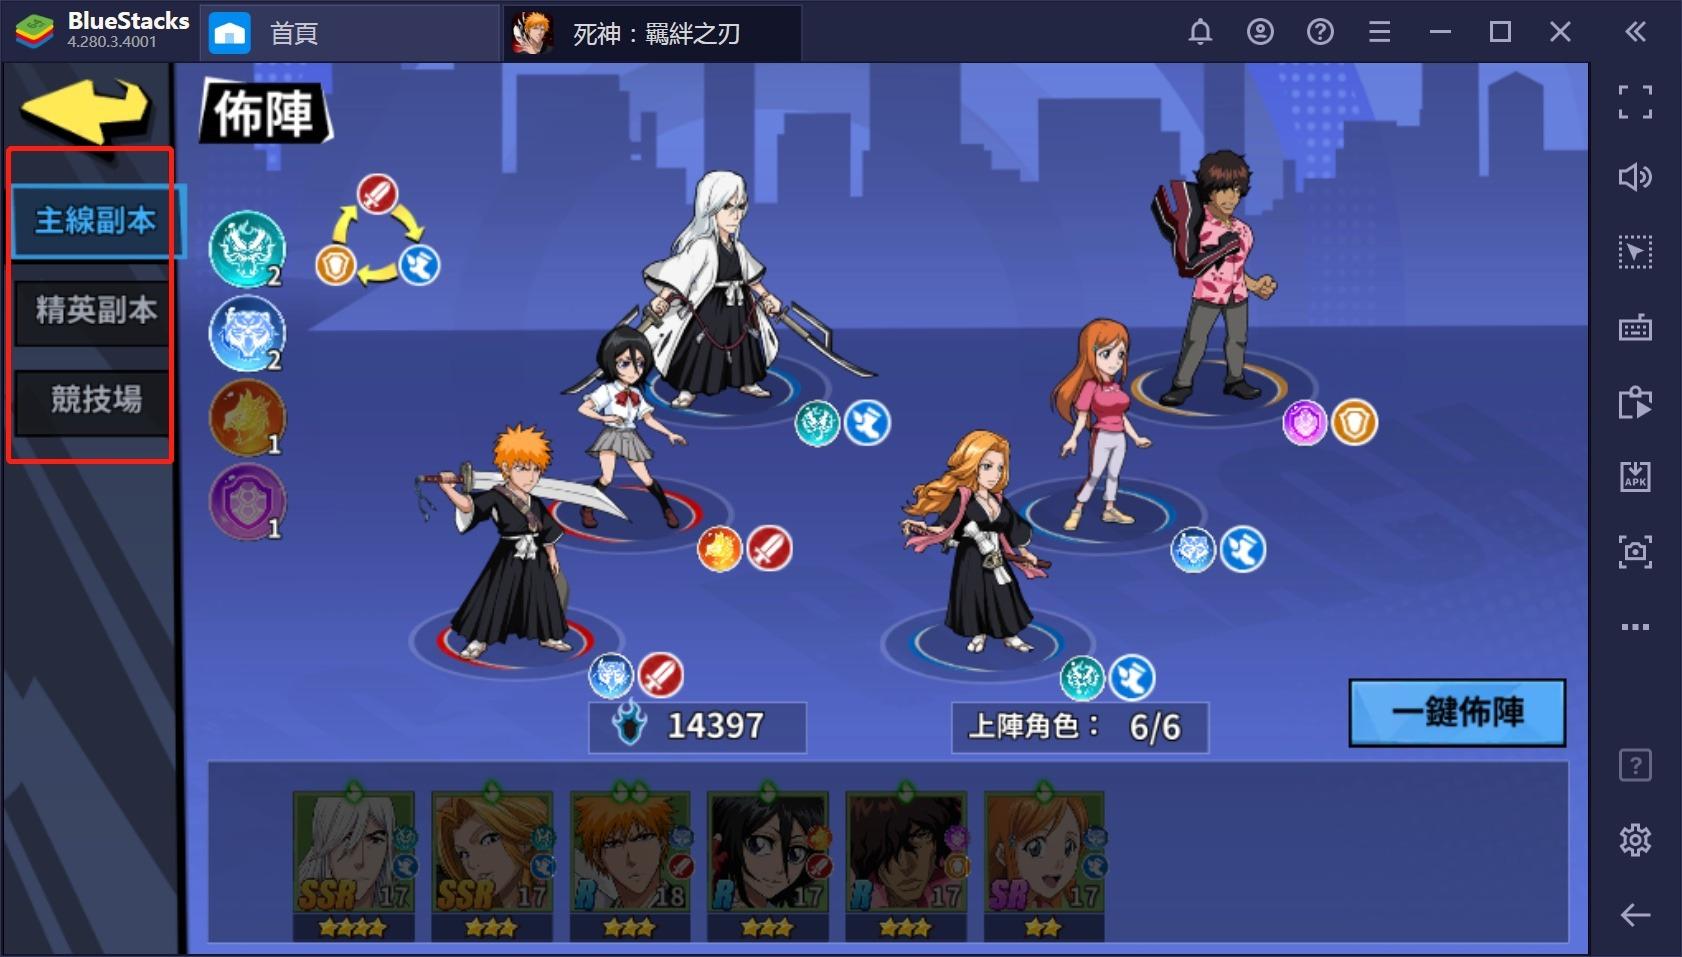 如何用BlueStacks在PC上玩角色養成對戰手遊《死神:羈絆刃》